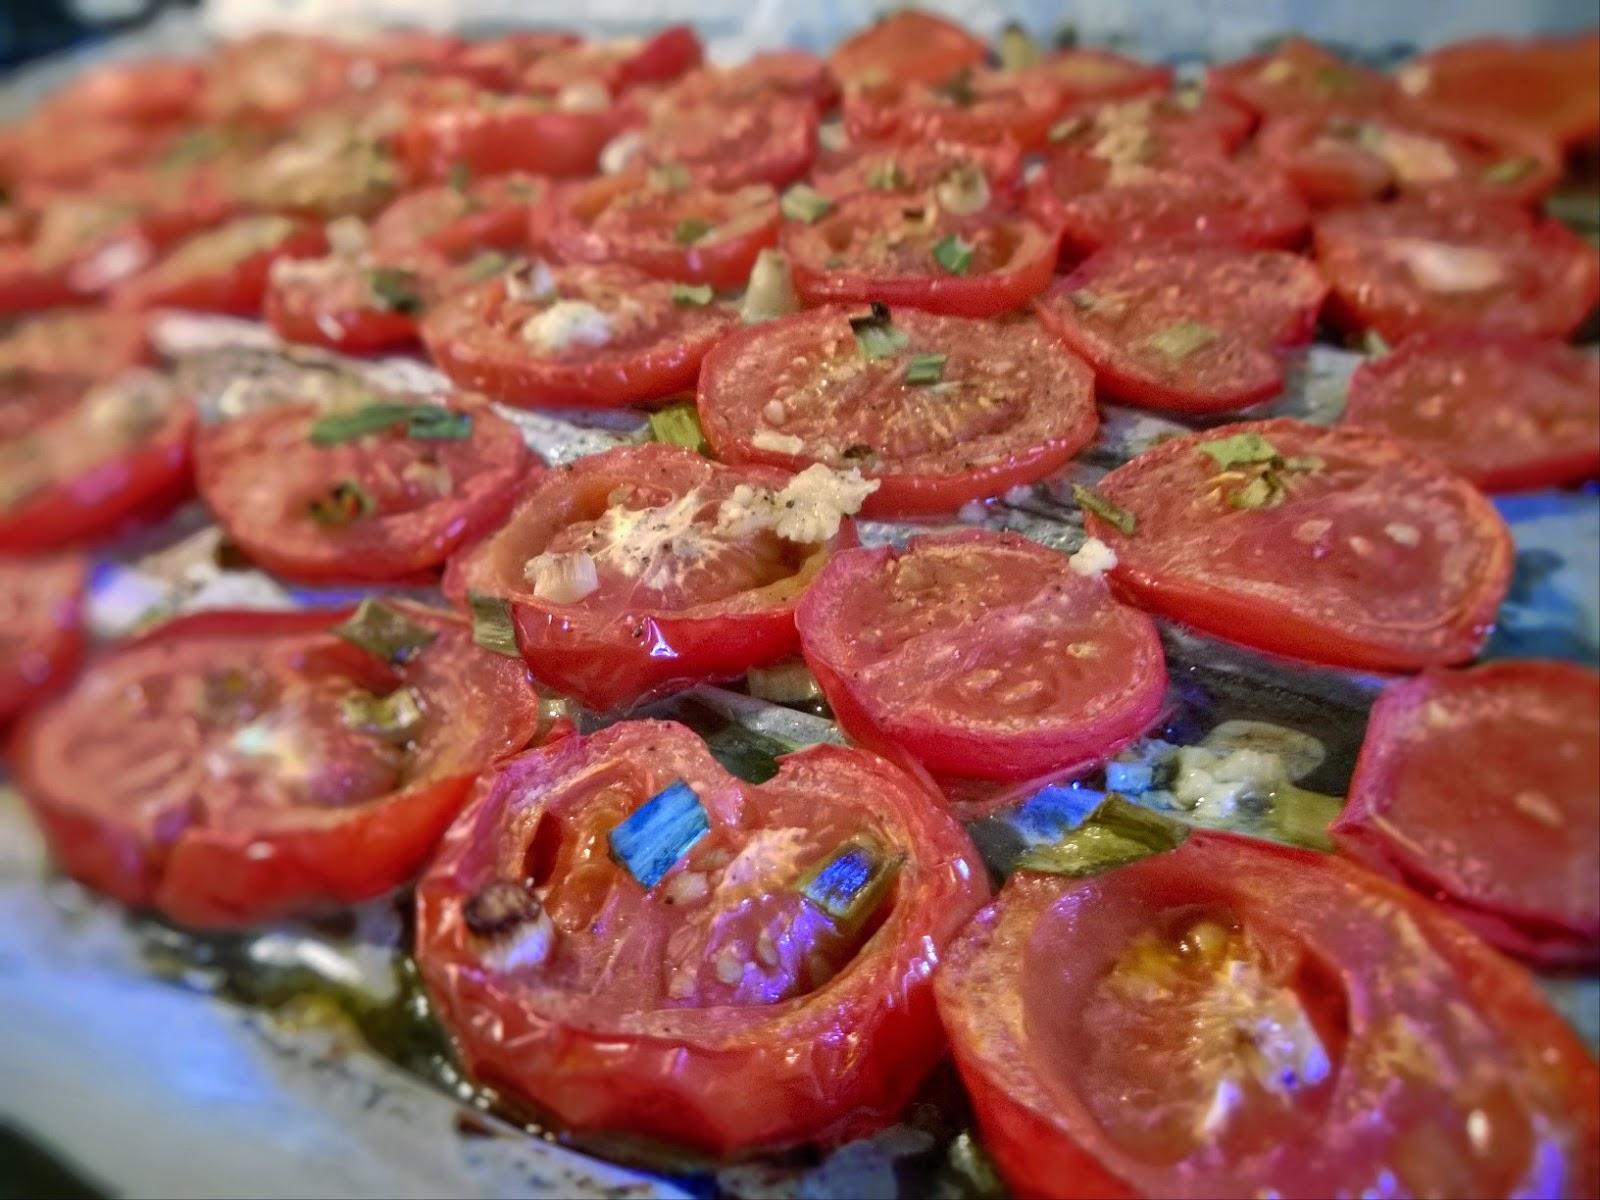 Tomaattien paahtaminen uunissa